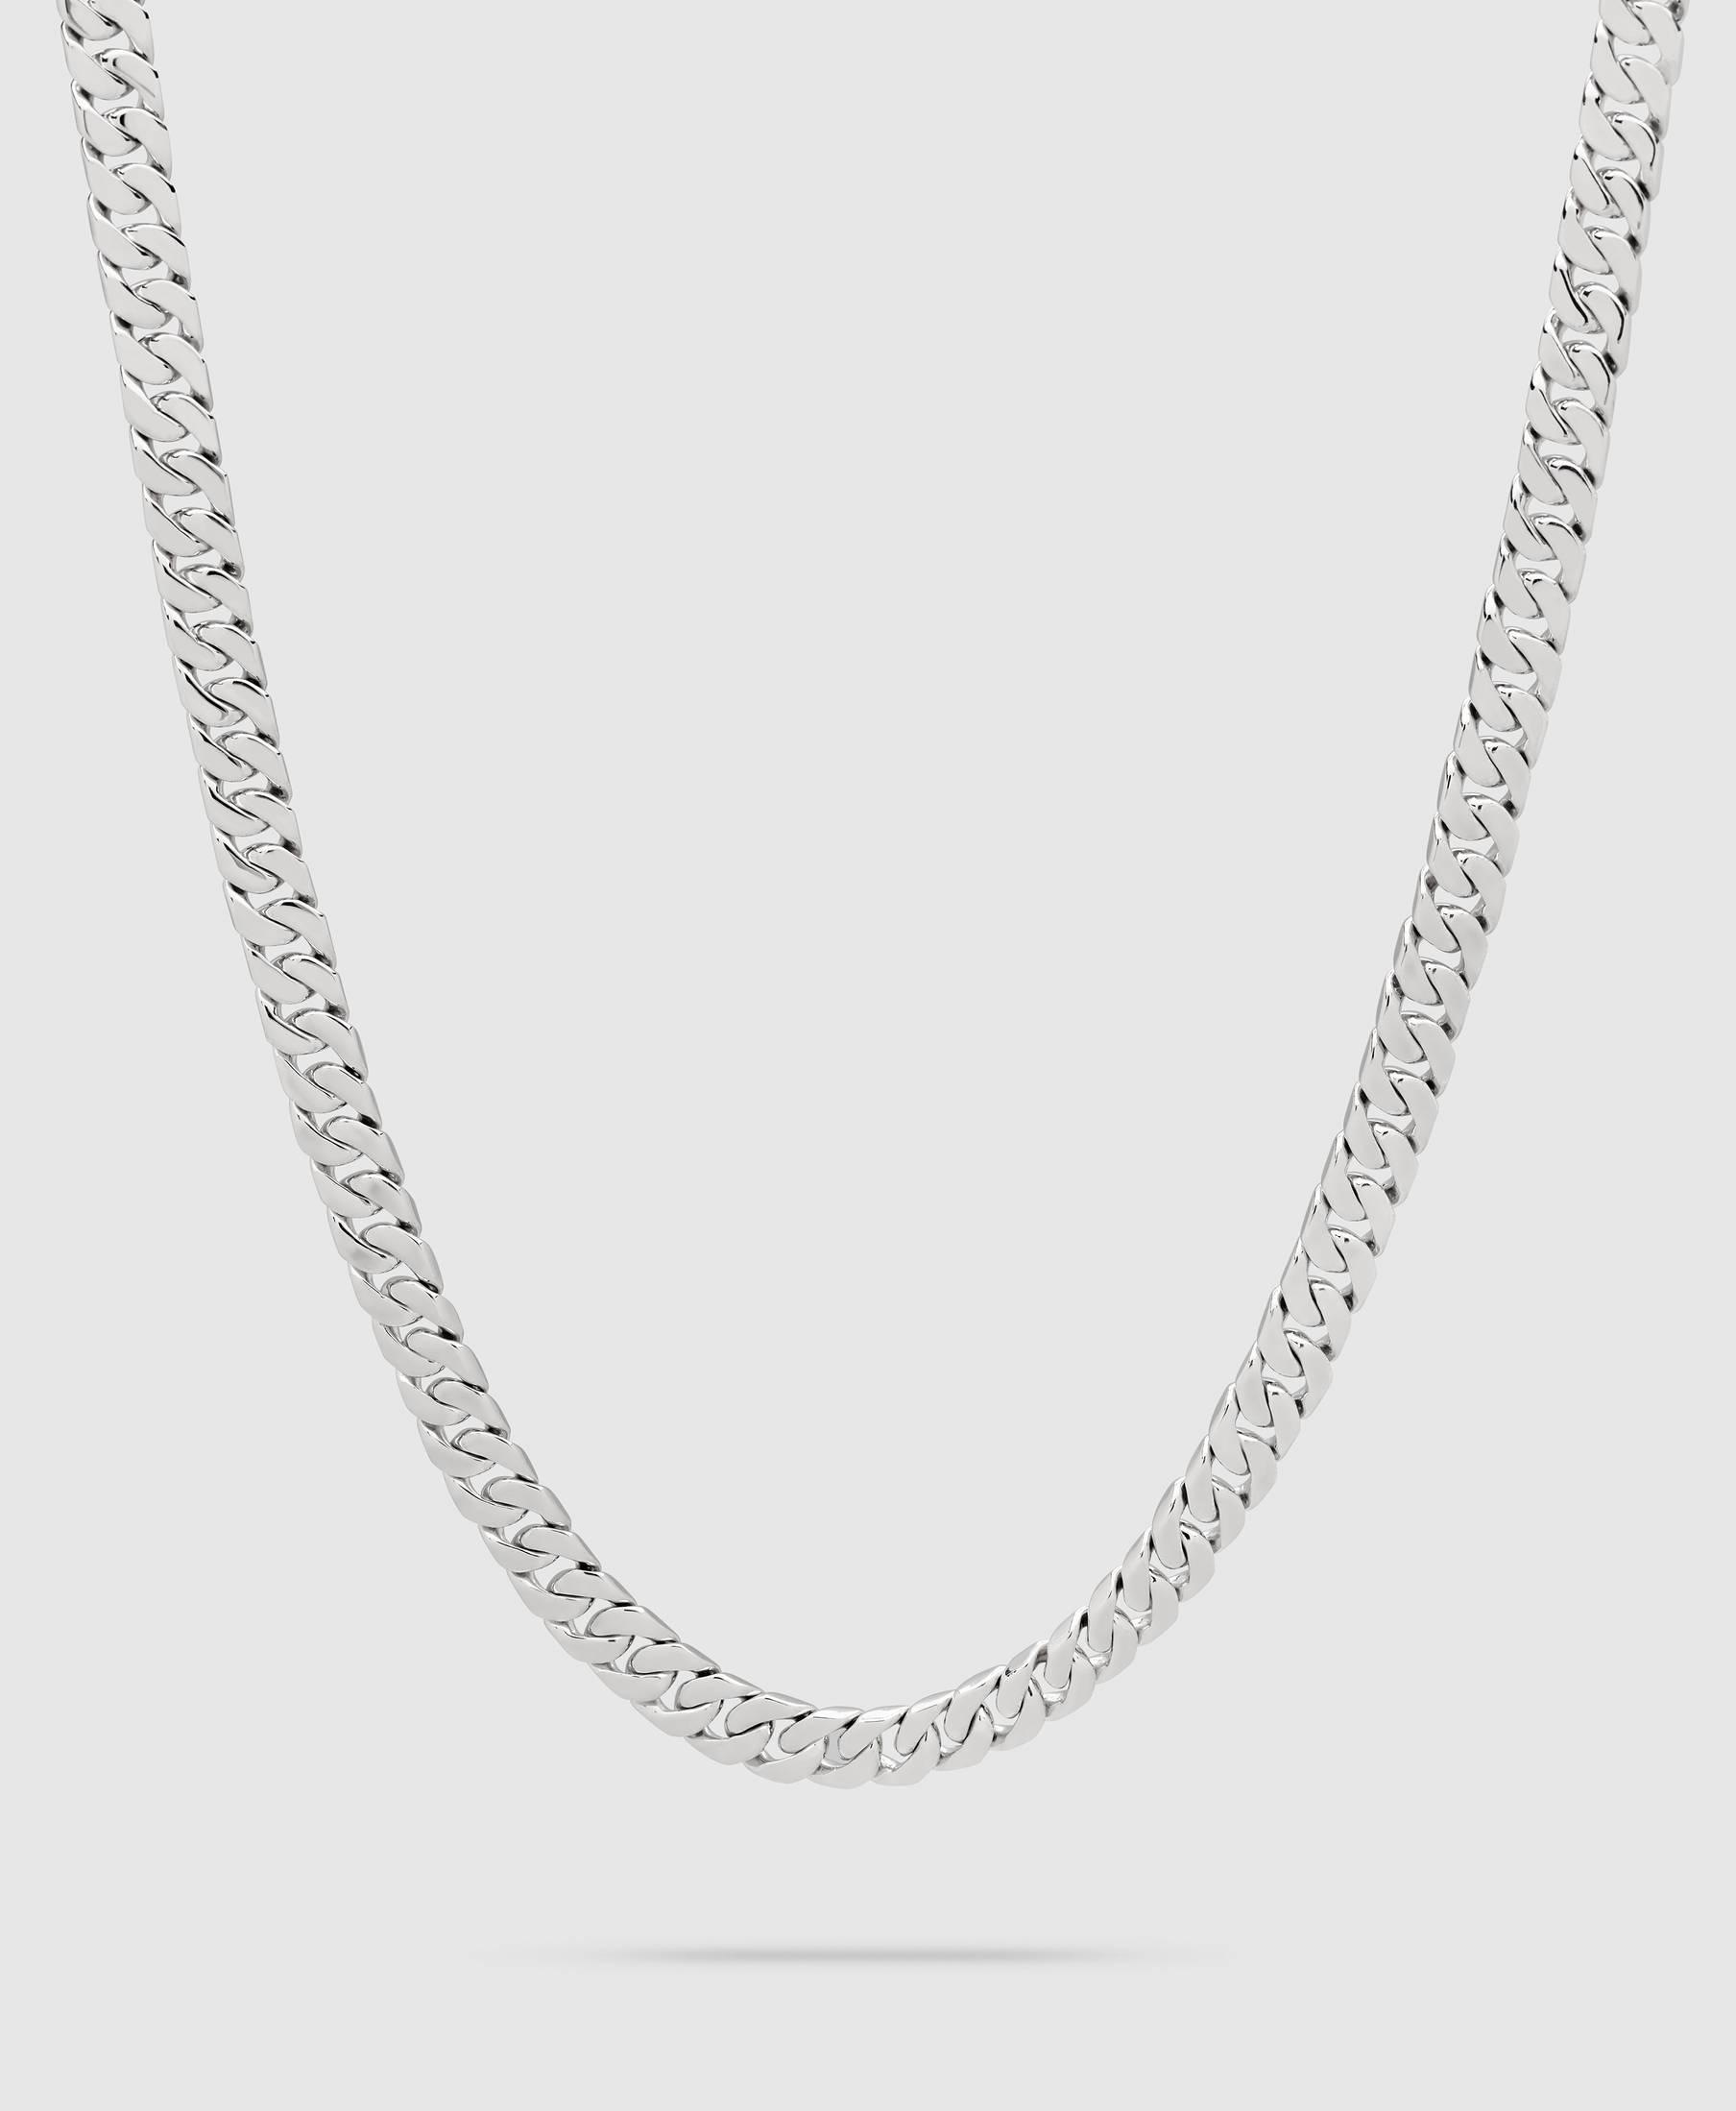 Curb 7 Chain